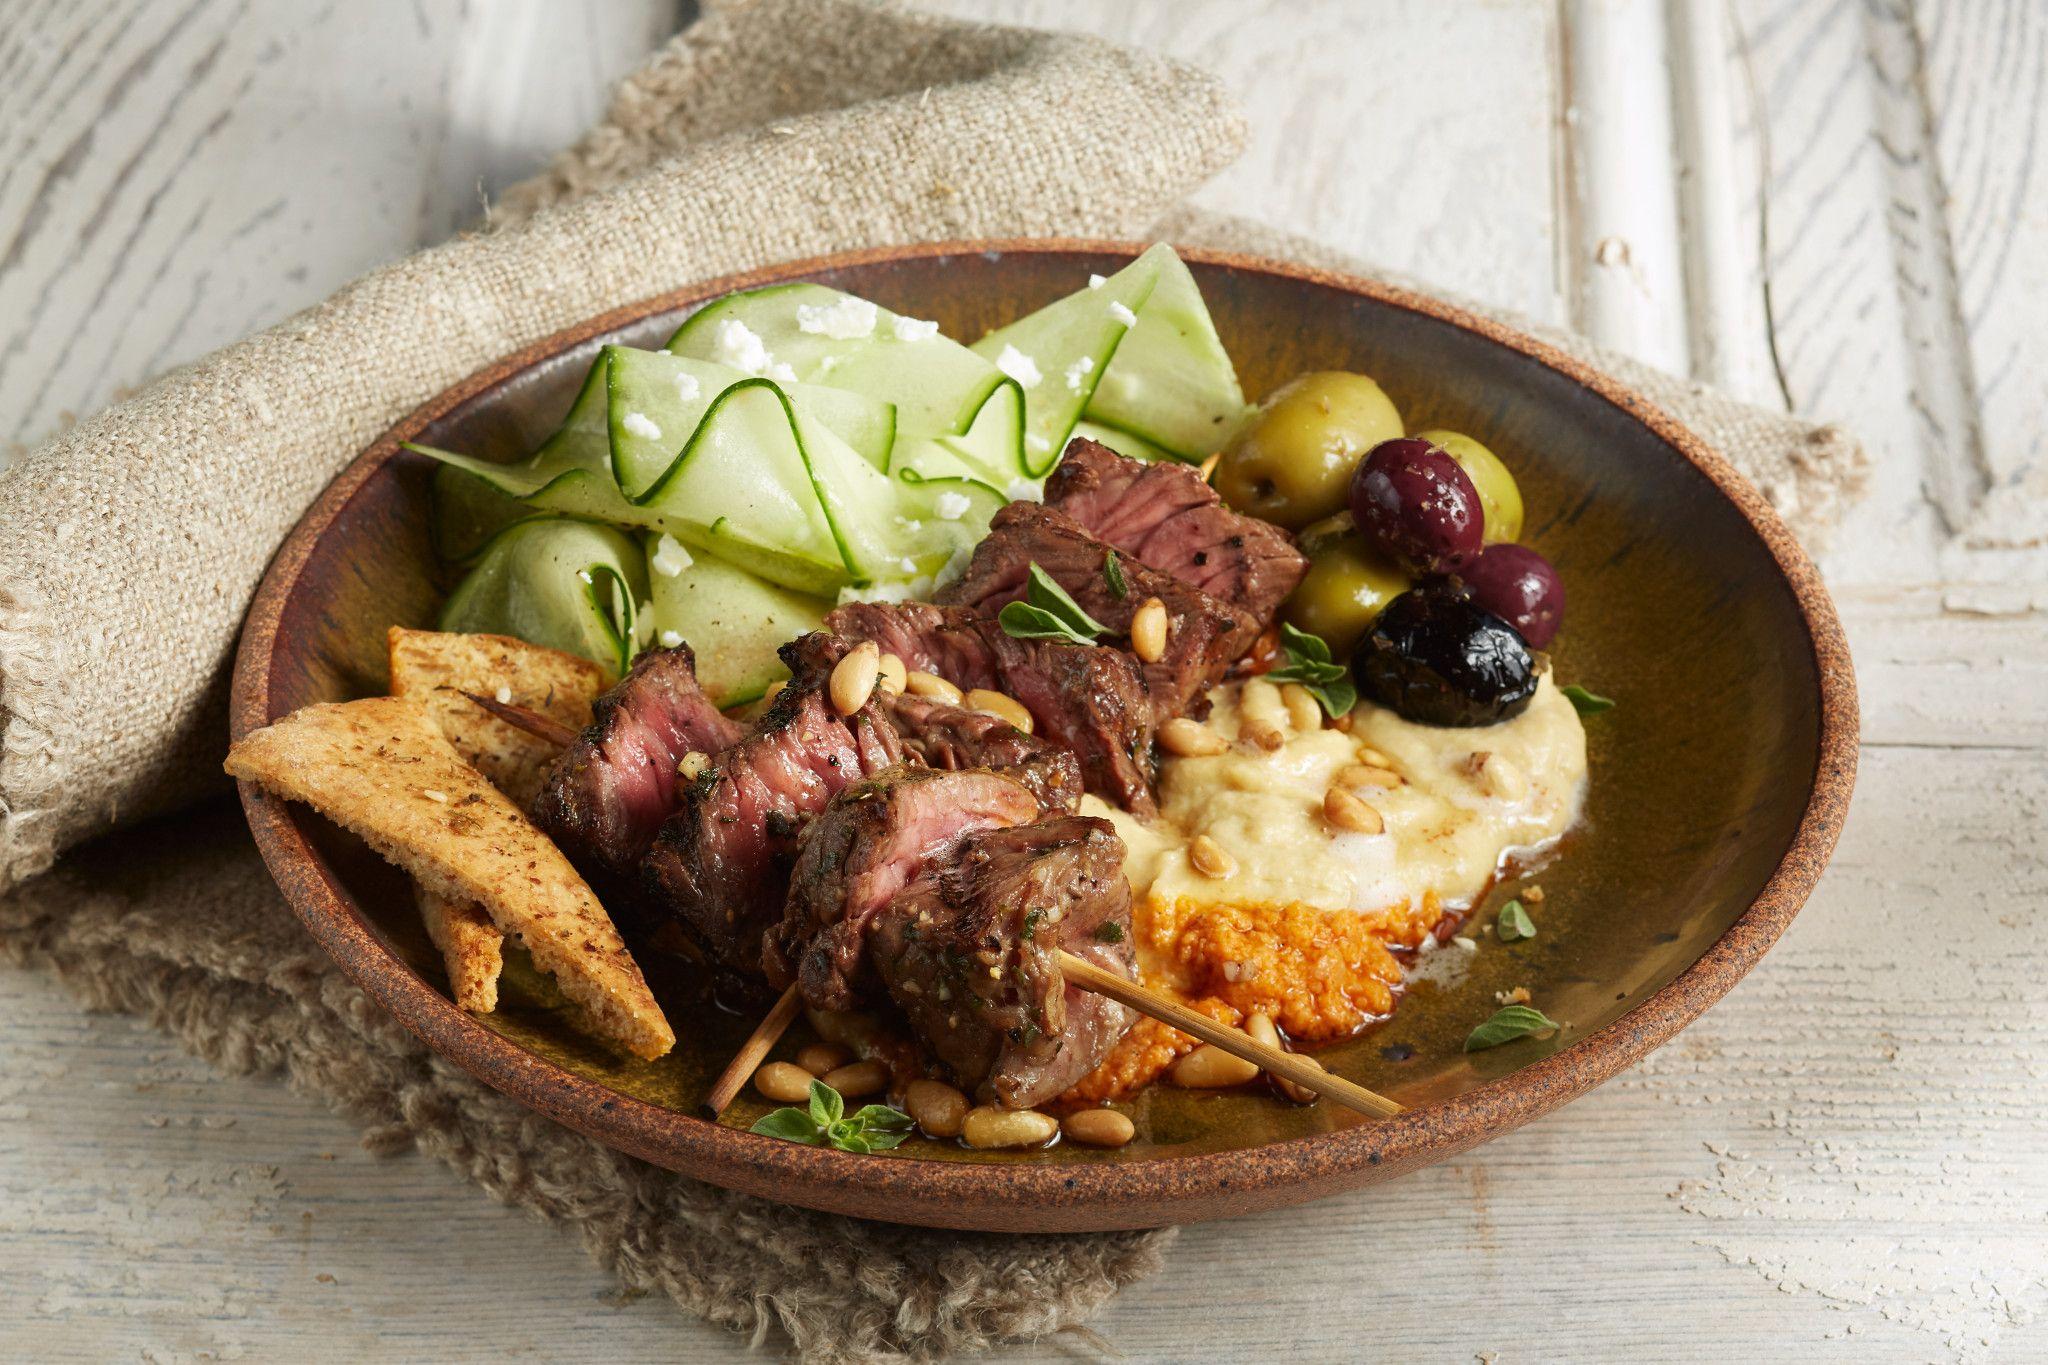 Greek Beef Steak and Hummus Plate